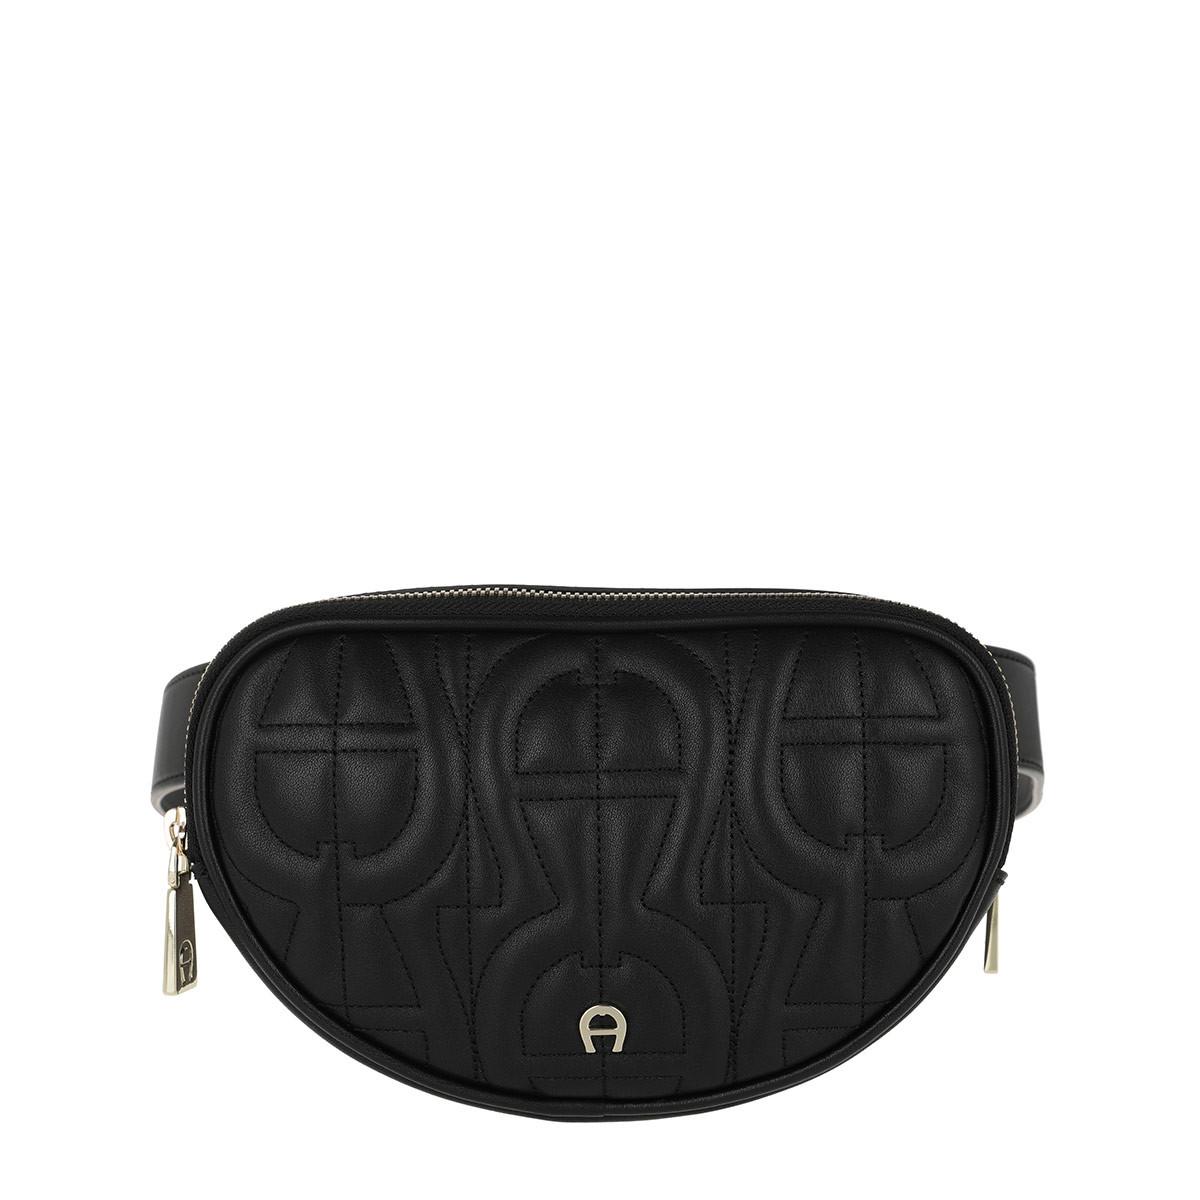 Aigner Umhängetasche - Diadora S Belt Bag Black - in schwarz - für Damen